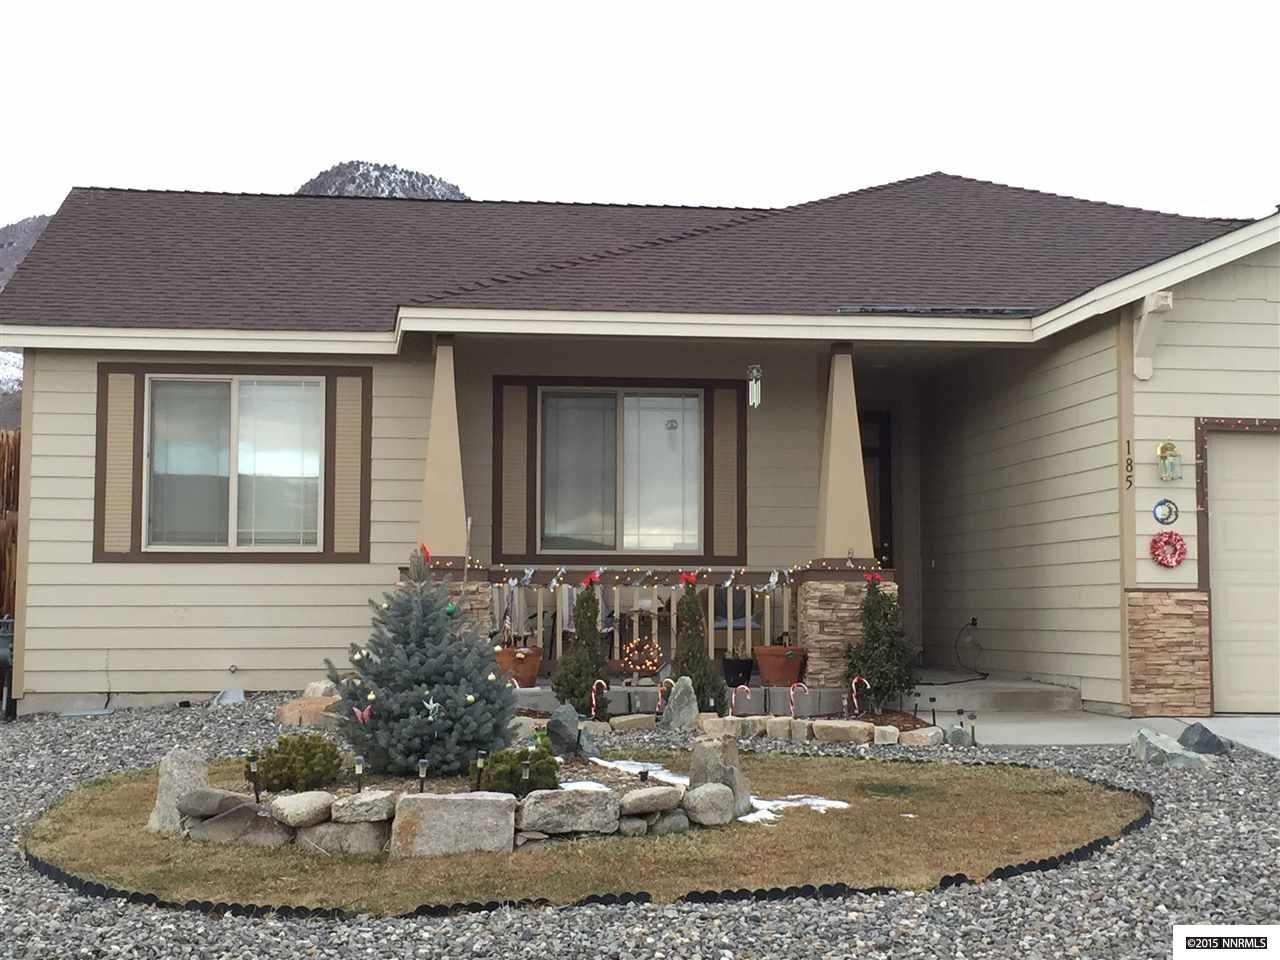 185 Dayton Village Pkwy, Dayton, NV